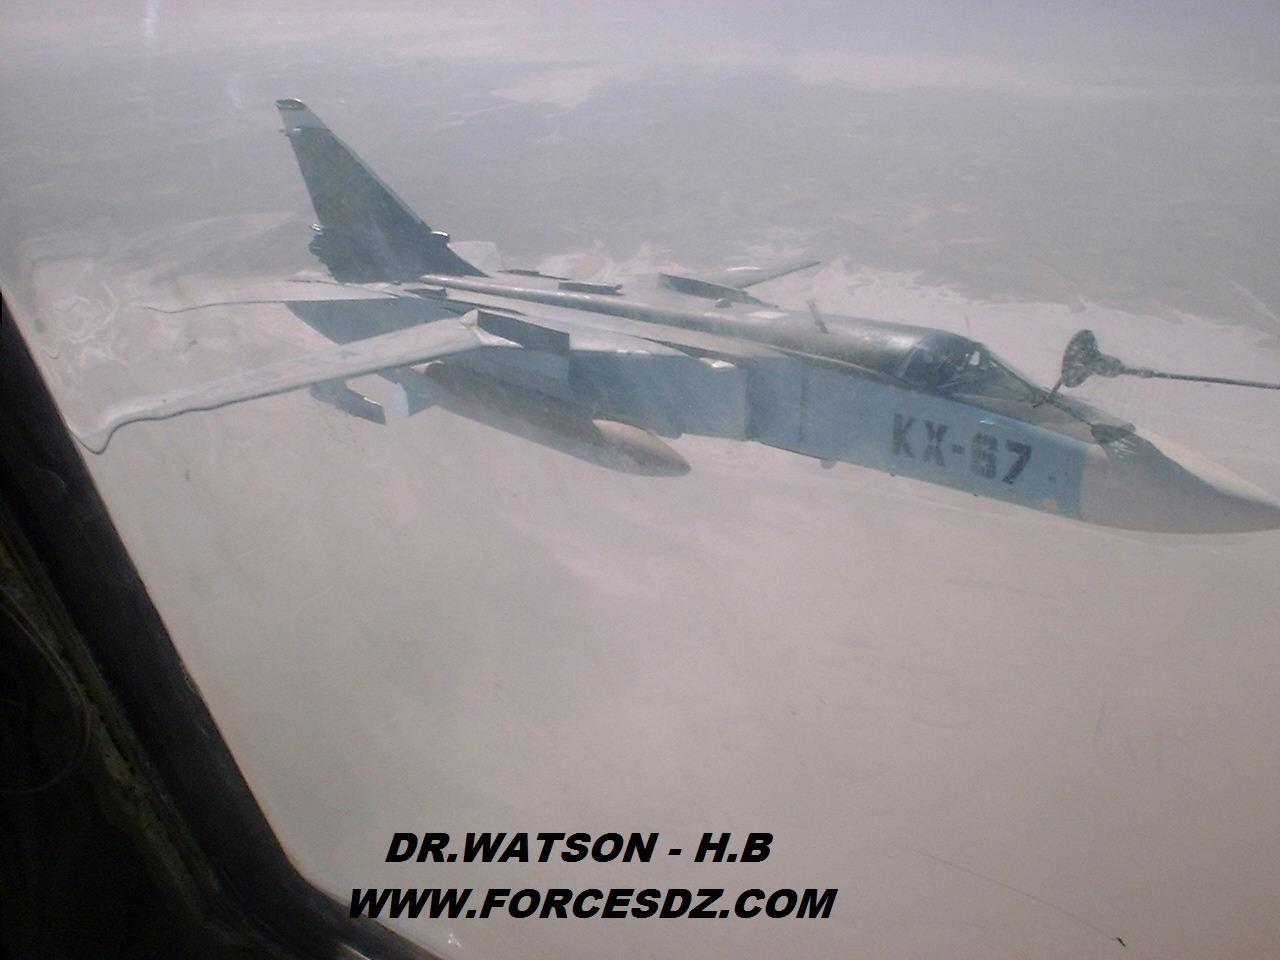 Un Su-24 s'écrase en Algérie, en tuant les deux pilotes